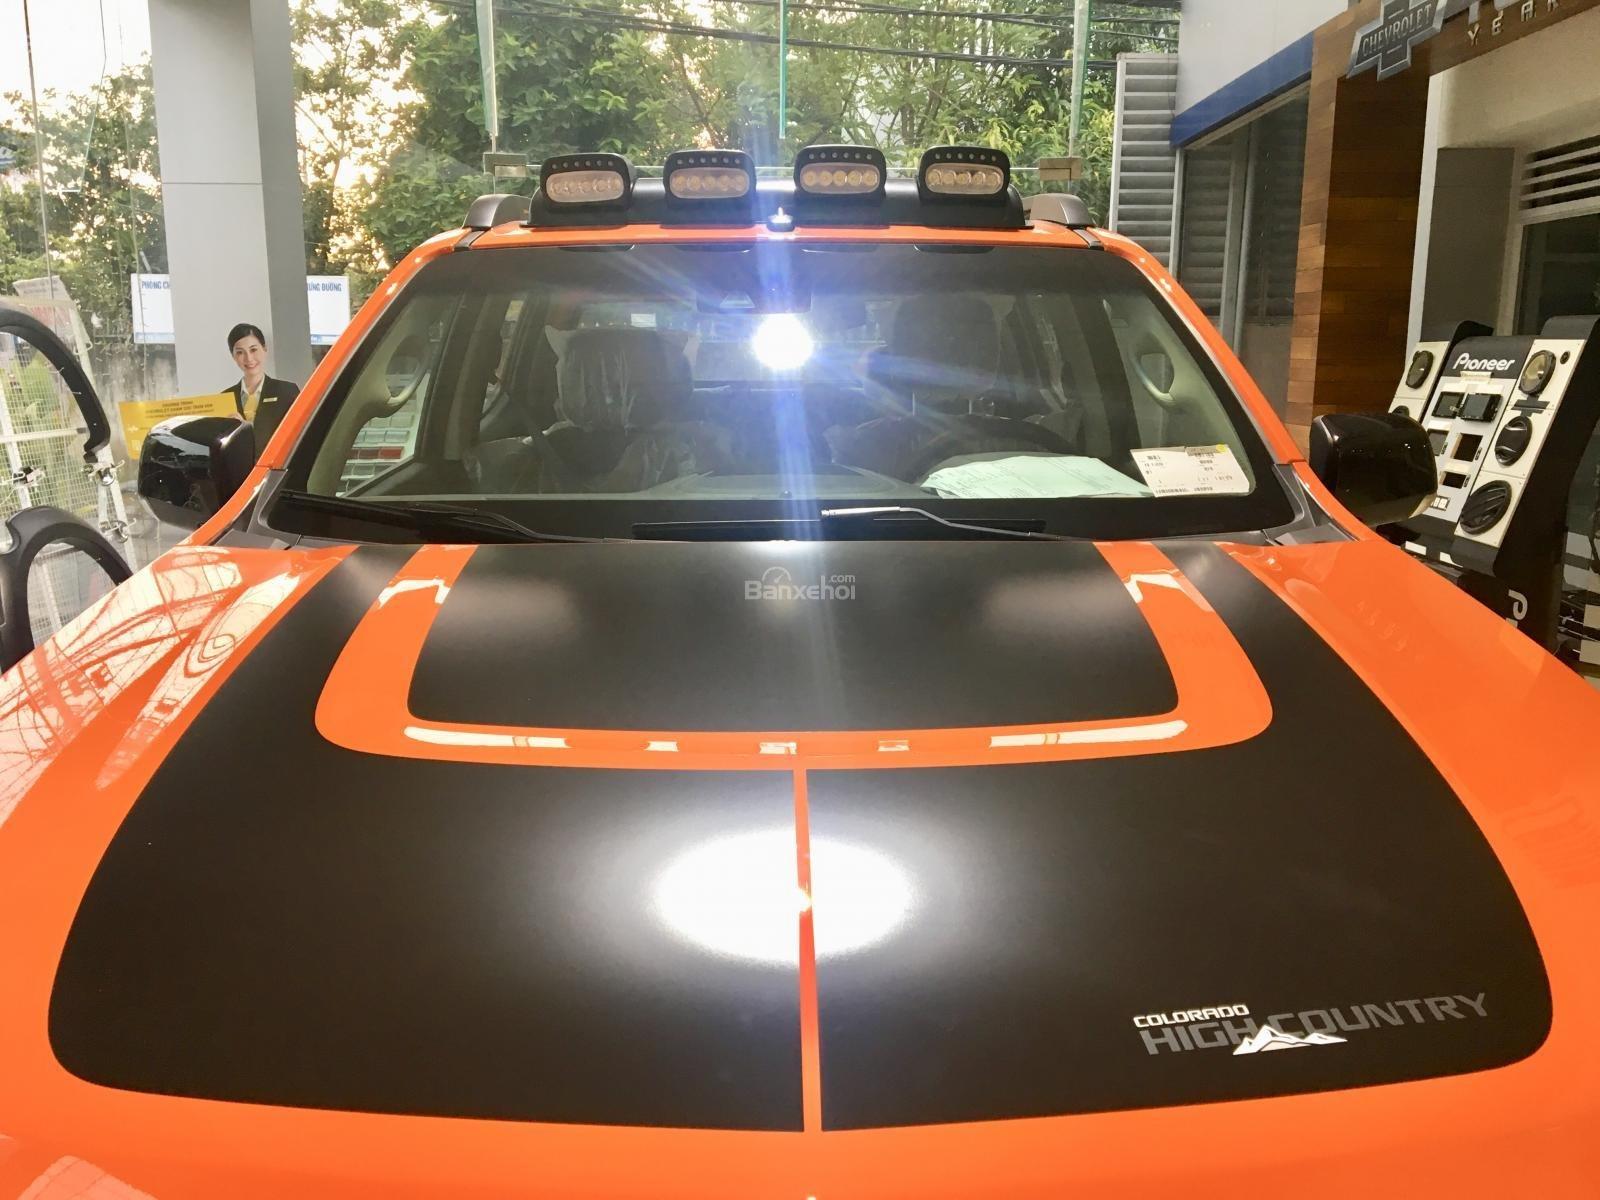 Giá xe Colorado Storm - Phiên bản đặc biệt màu cam - Tặng phụ kiện + giảm giá-4